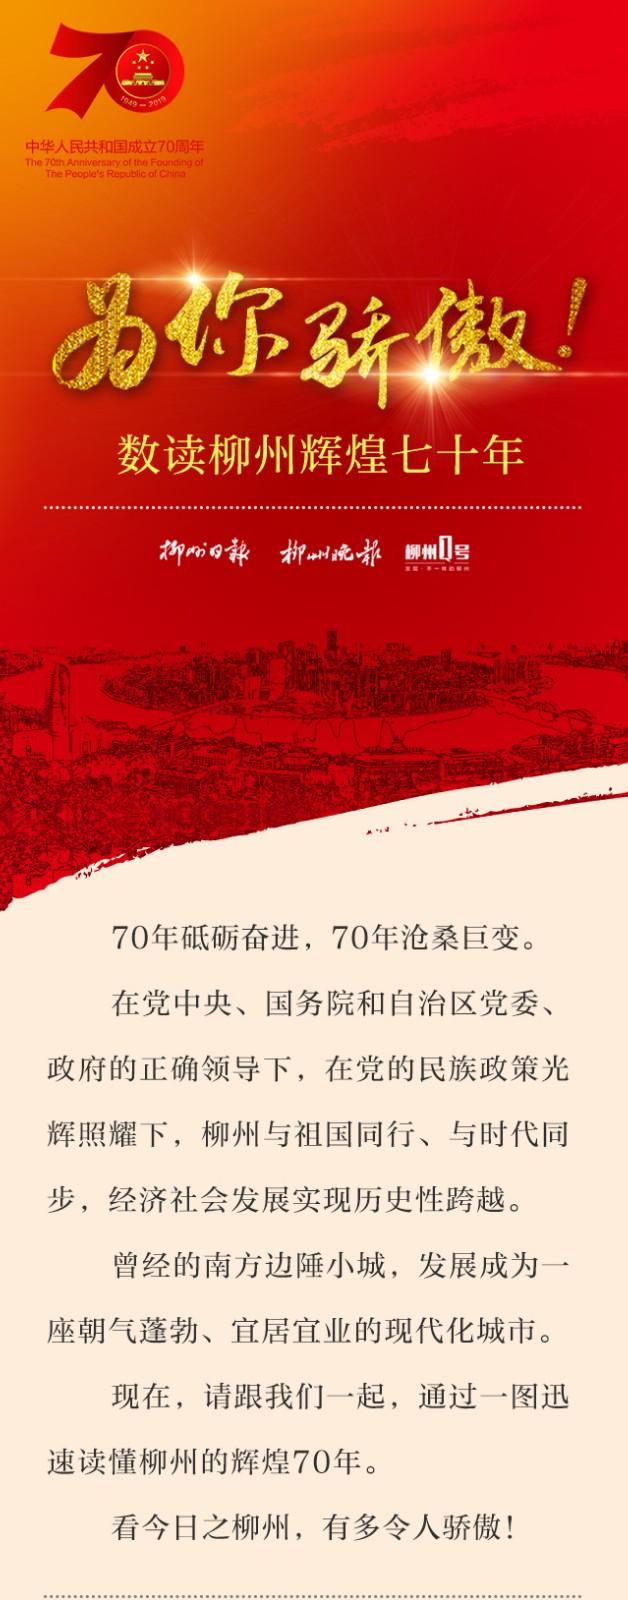 柳州辉煌70年_01.jpg